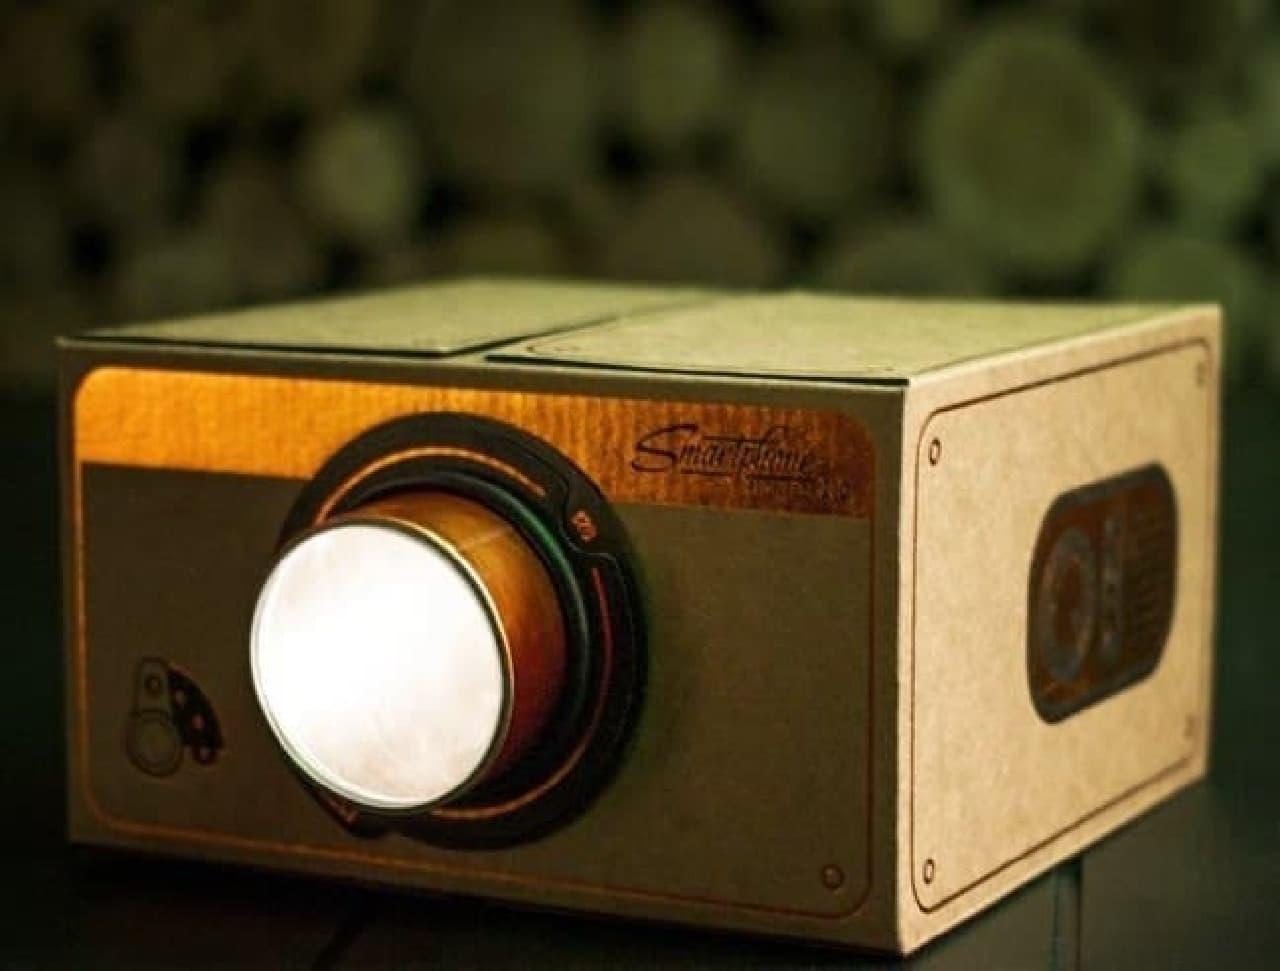 映写機みたいなデザインのプロジェクター「Smartphone Projector 2.0」